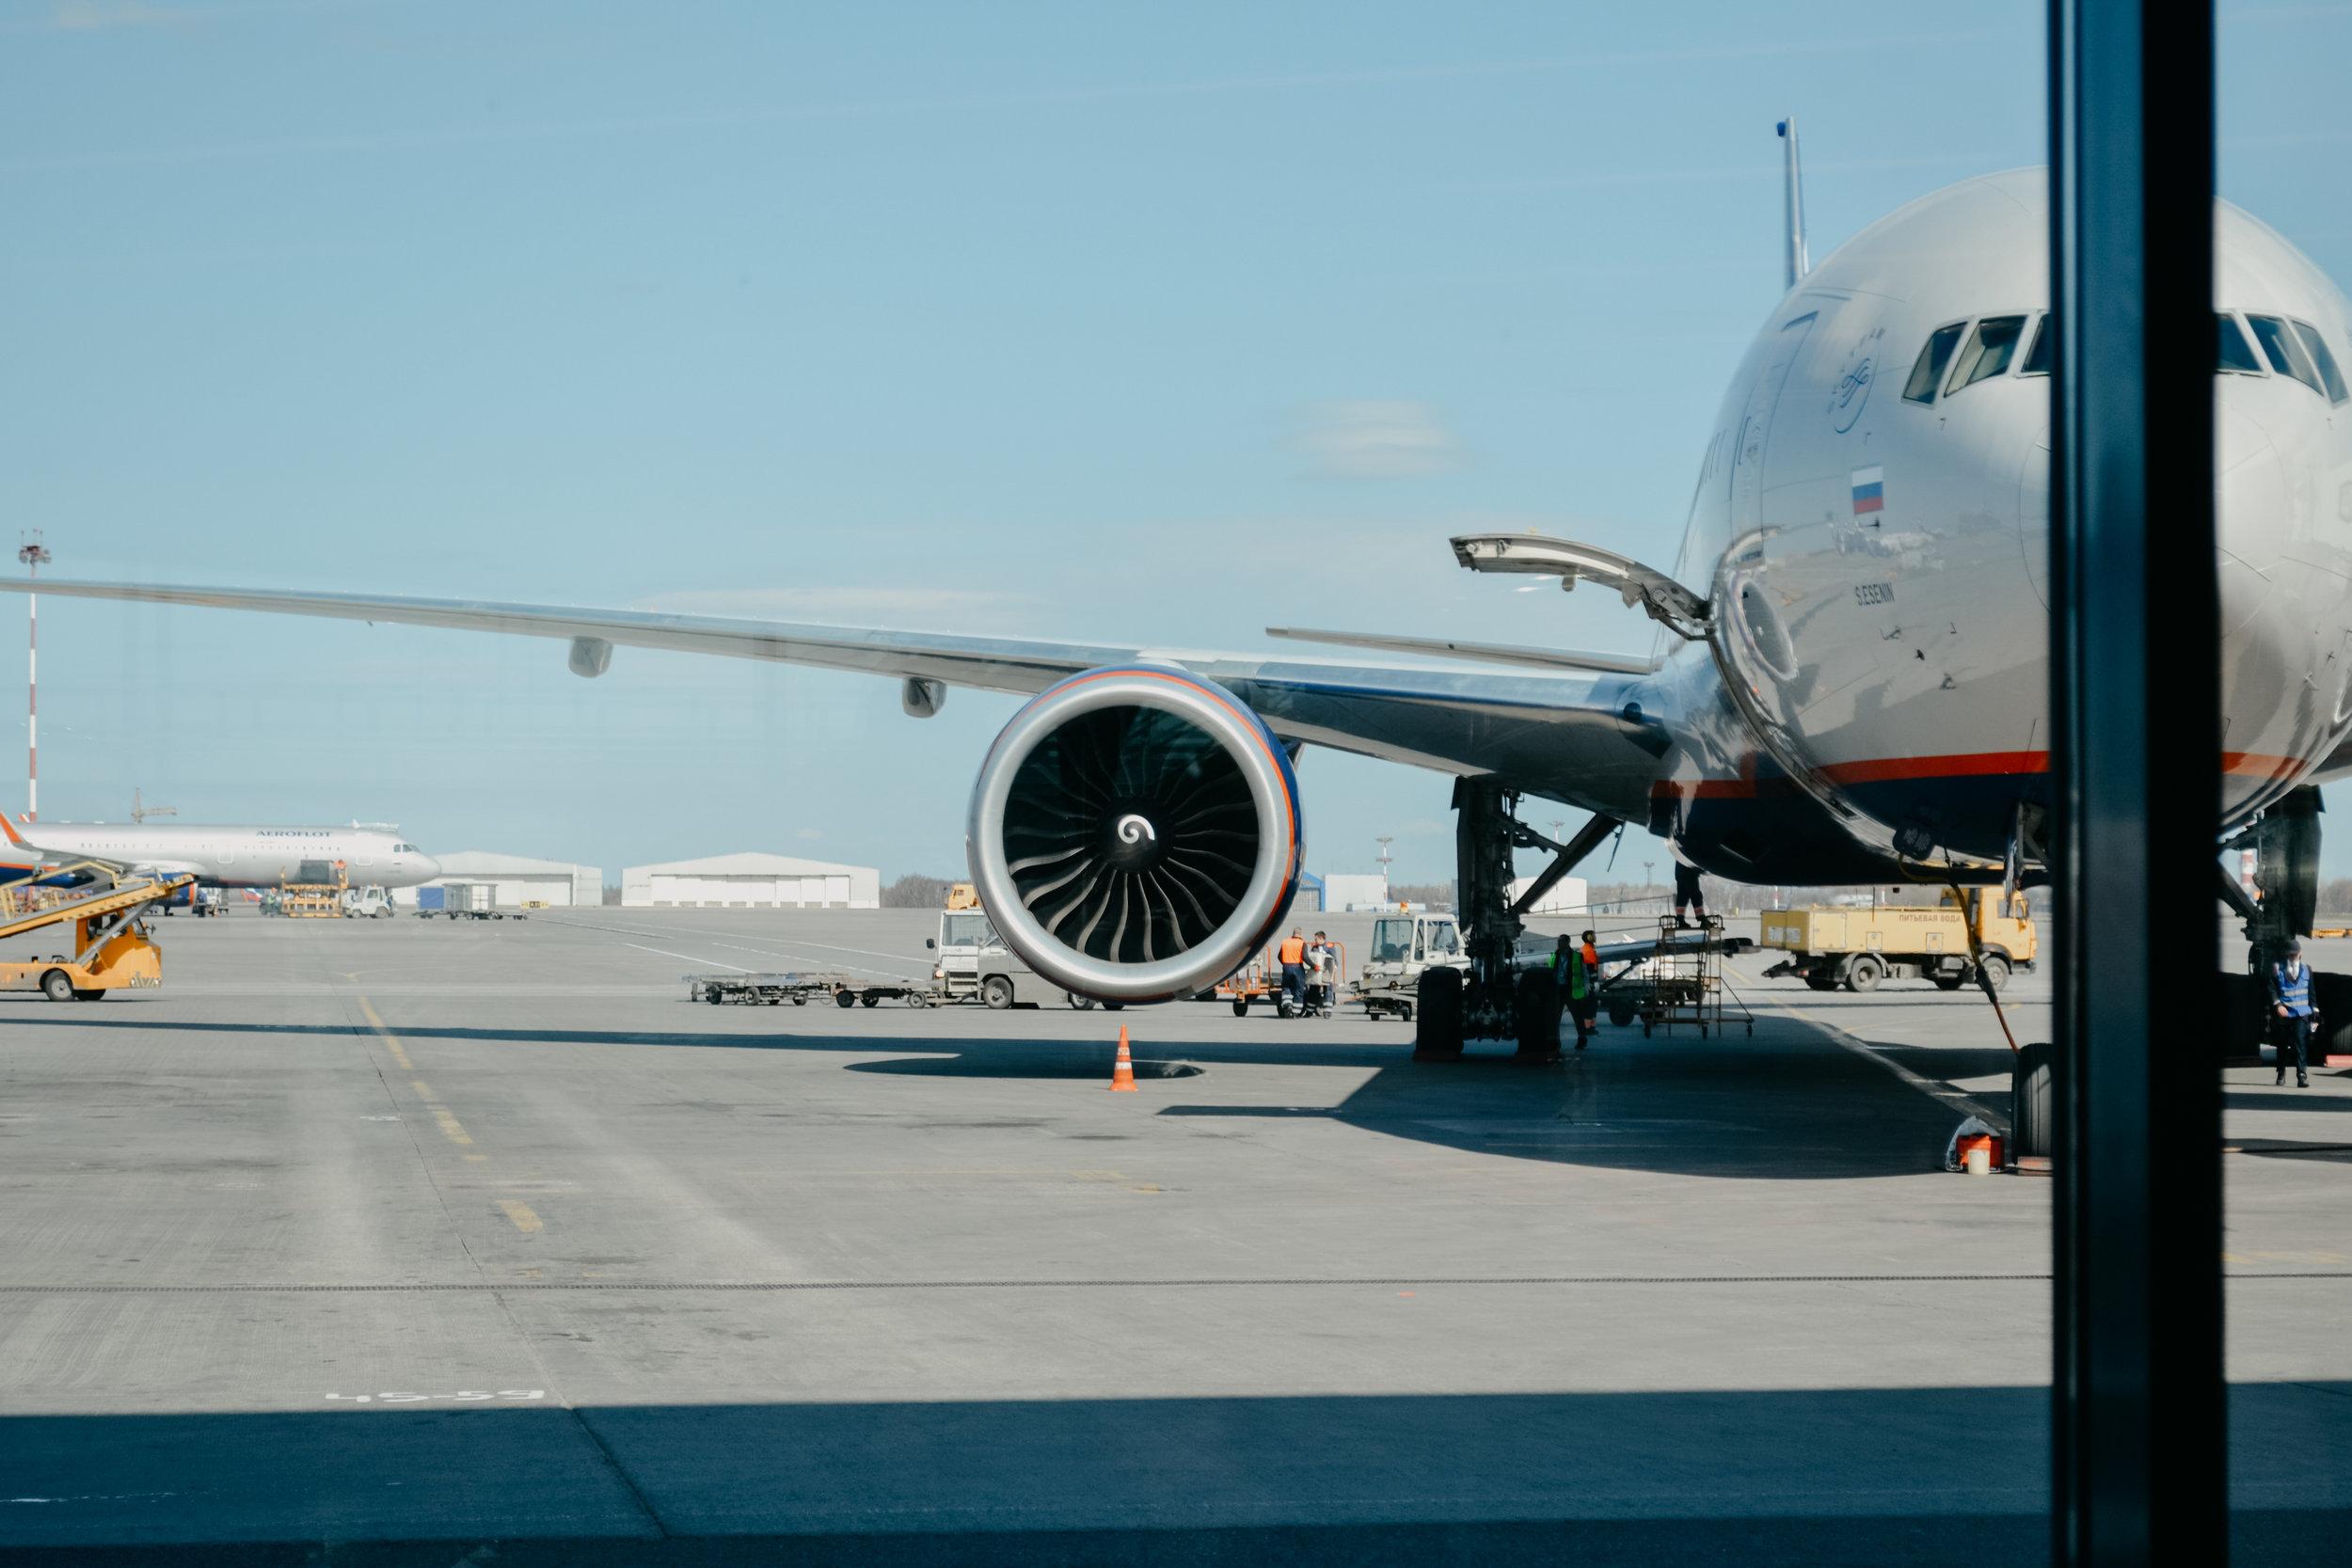 Vuelos - El viajero debe utilizar aplicaciones como Google Maps o Skyacanner que le permitirán identificar aerolíneas que normalmente no salen en todos los buscadores de vuelos. Muchas de estas aerolíneas son regionales y por excelentes precios cubren rutas muy frecuentadas.